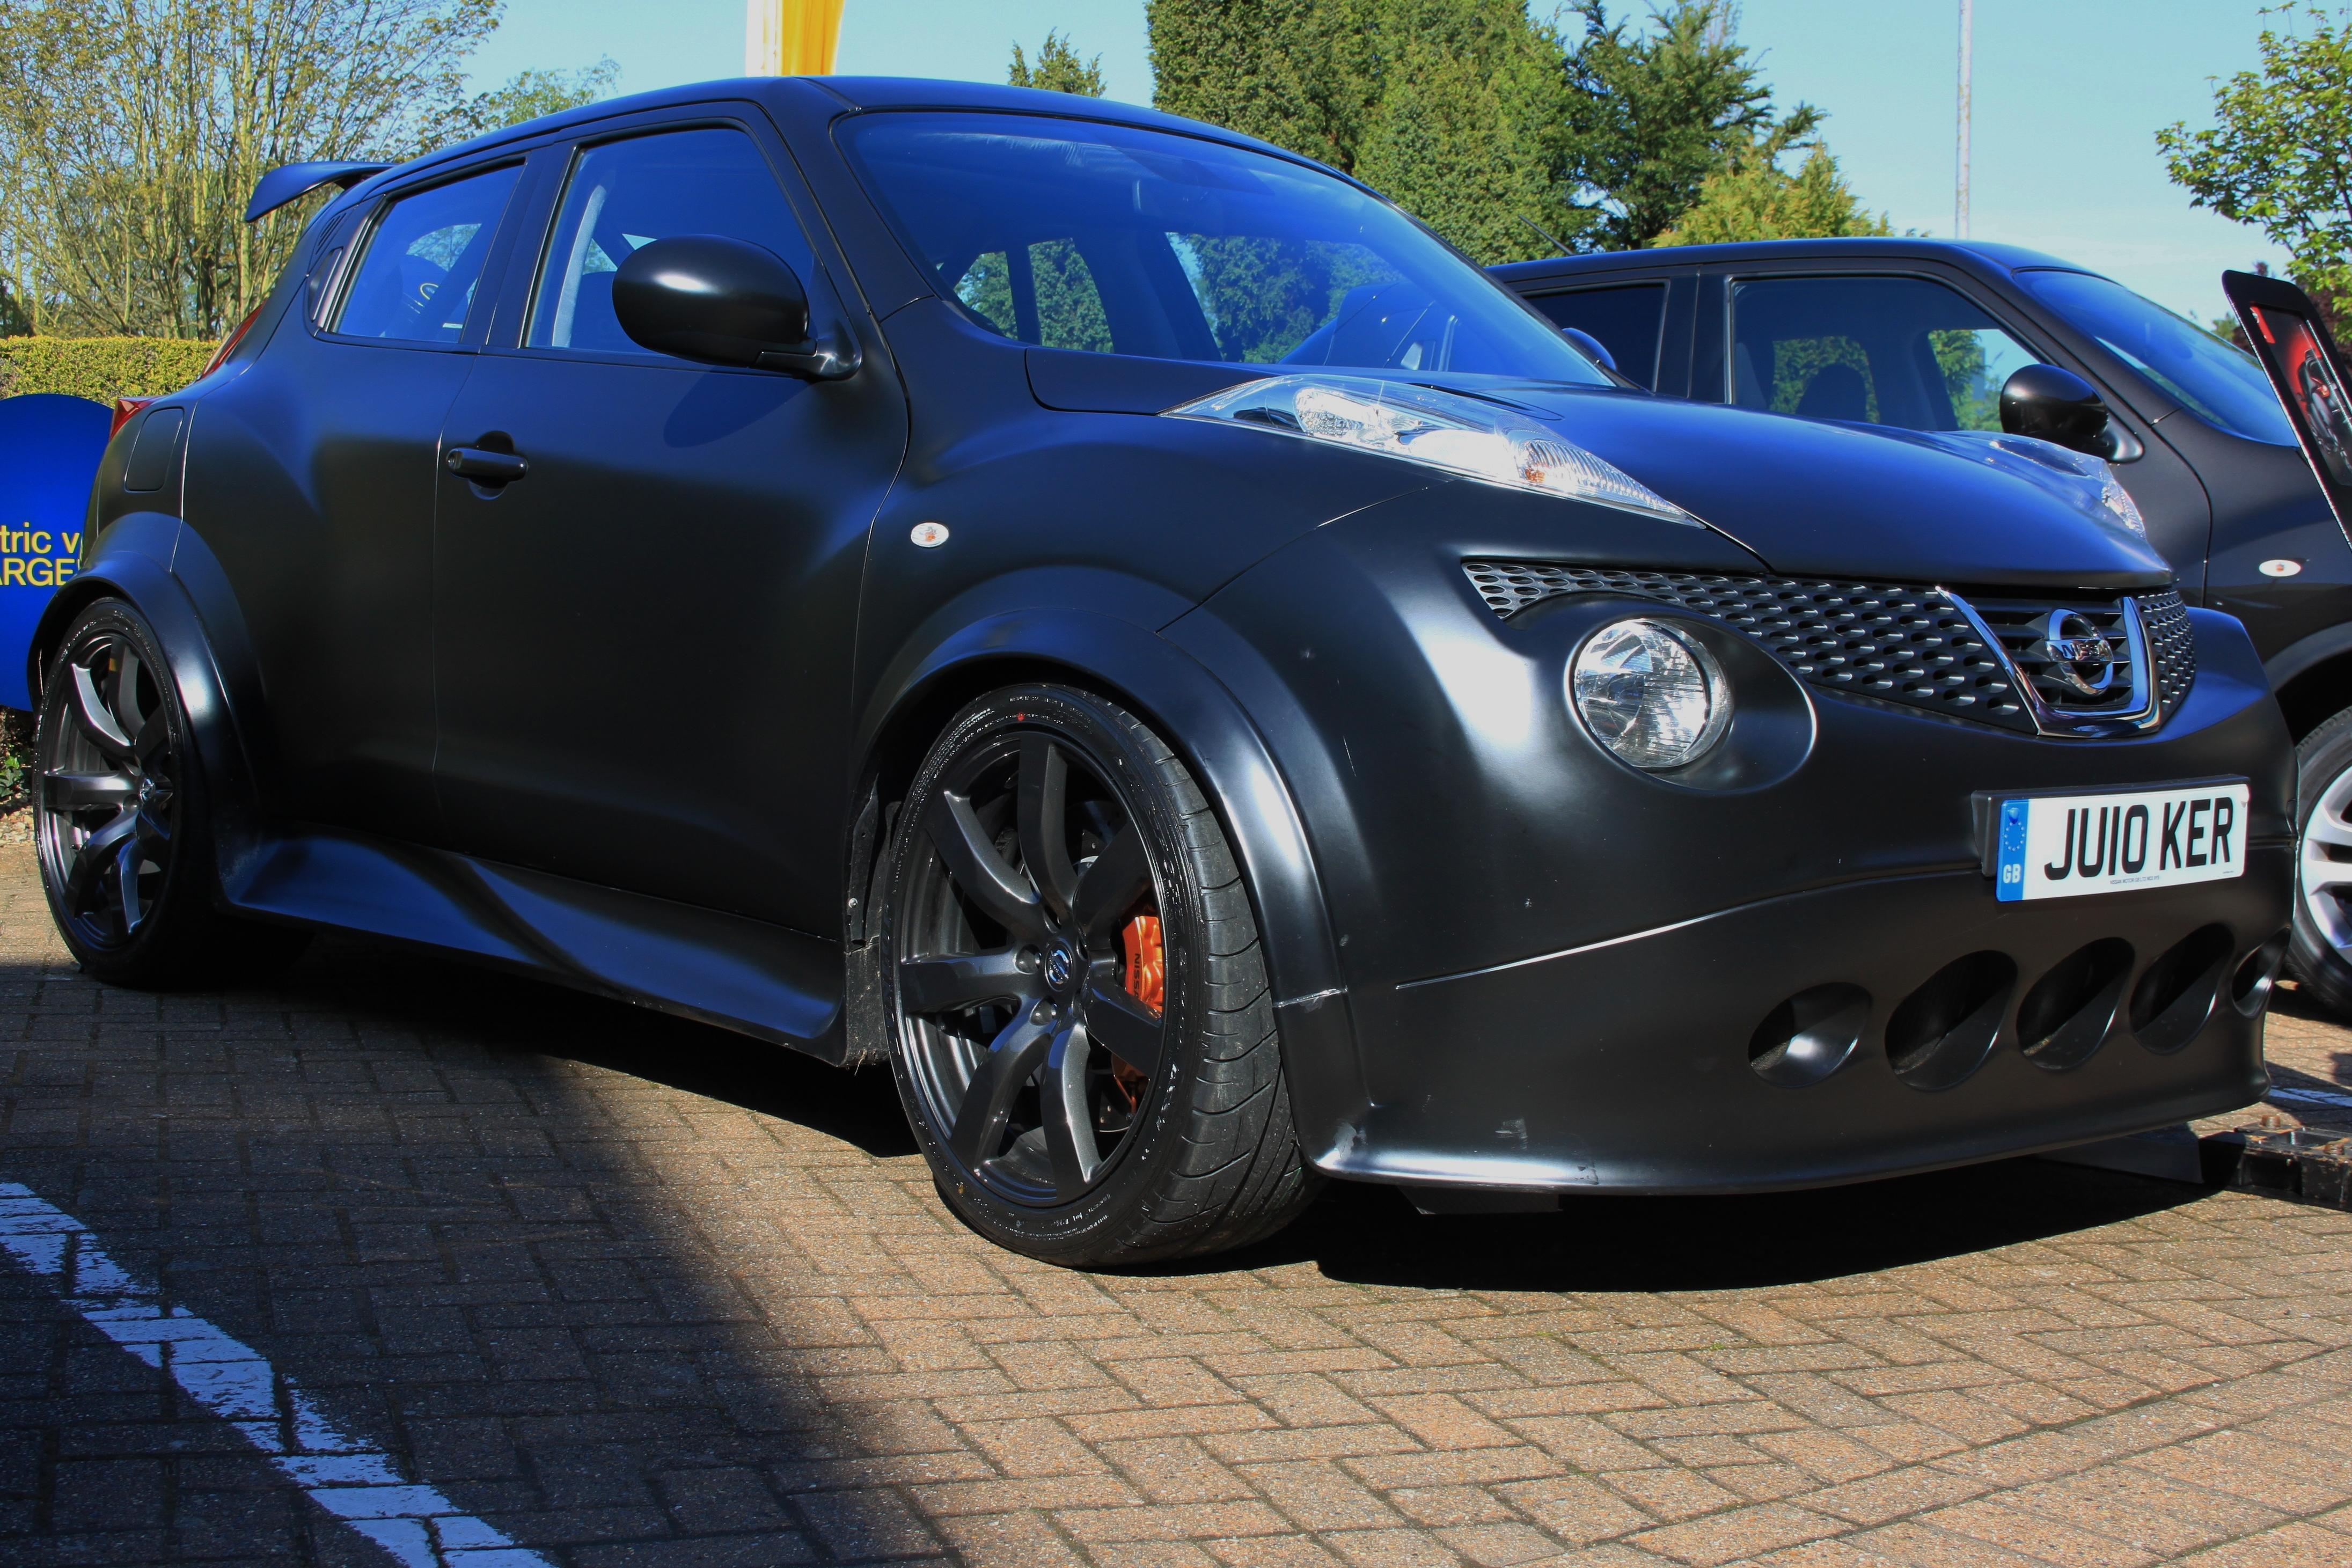 Nissan juke r 2012 gtr revival sports cars for Nissan juke with gtr motor